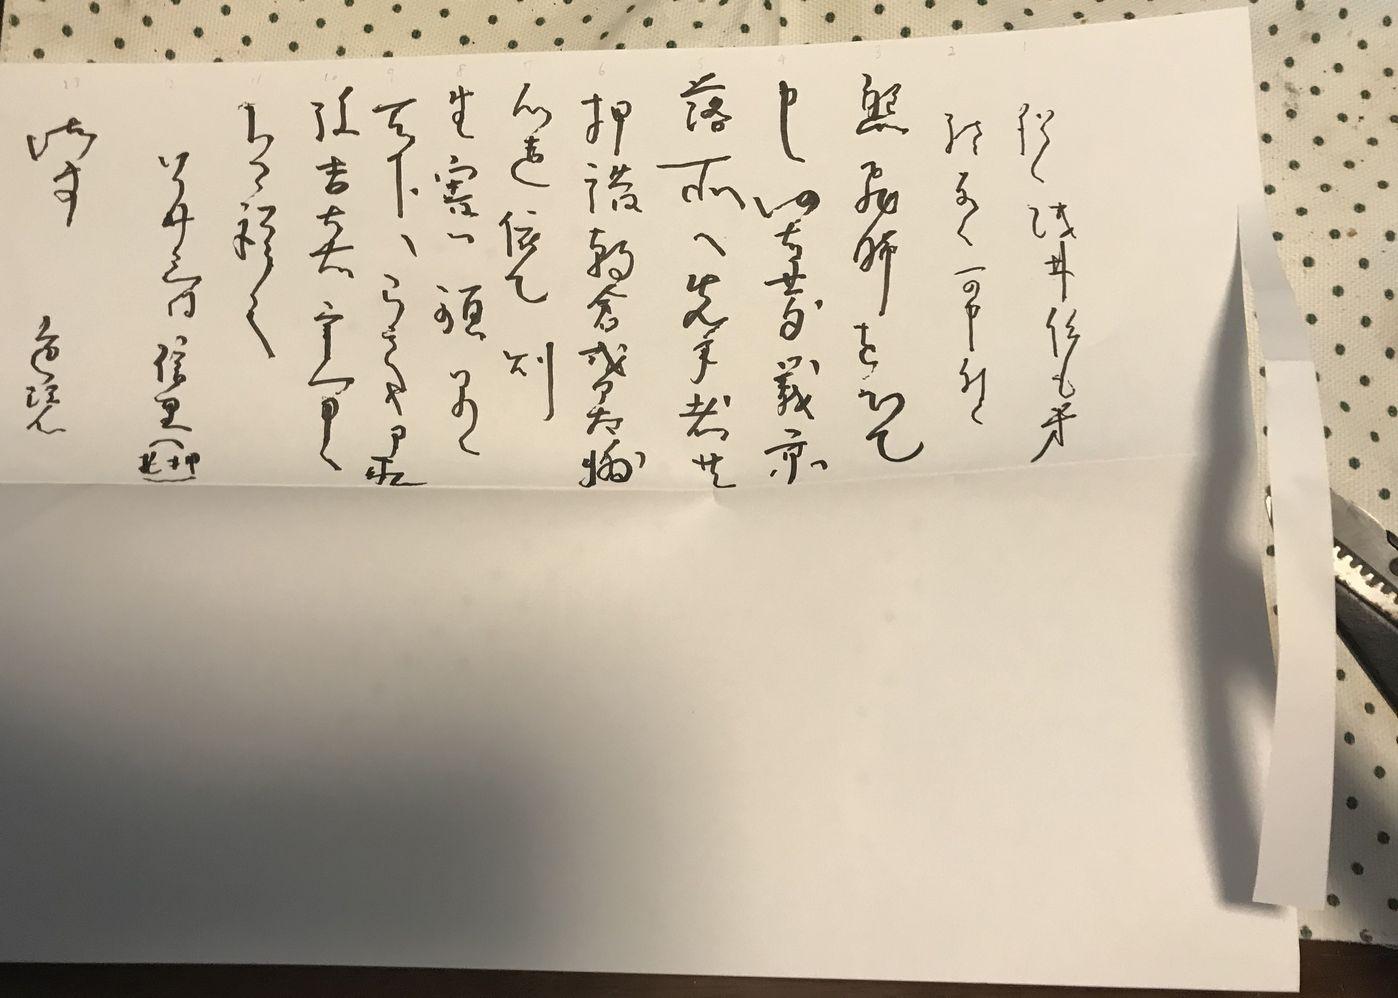 書状の封じ003(折り紙切封上書)